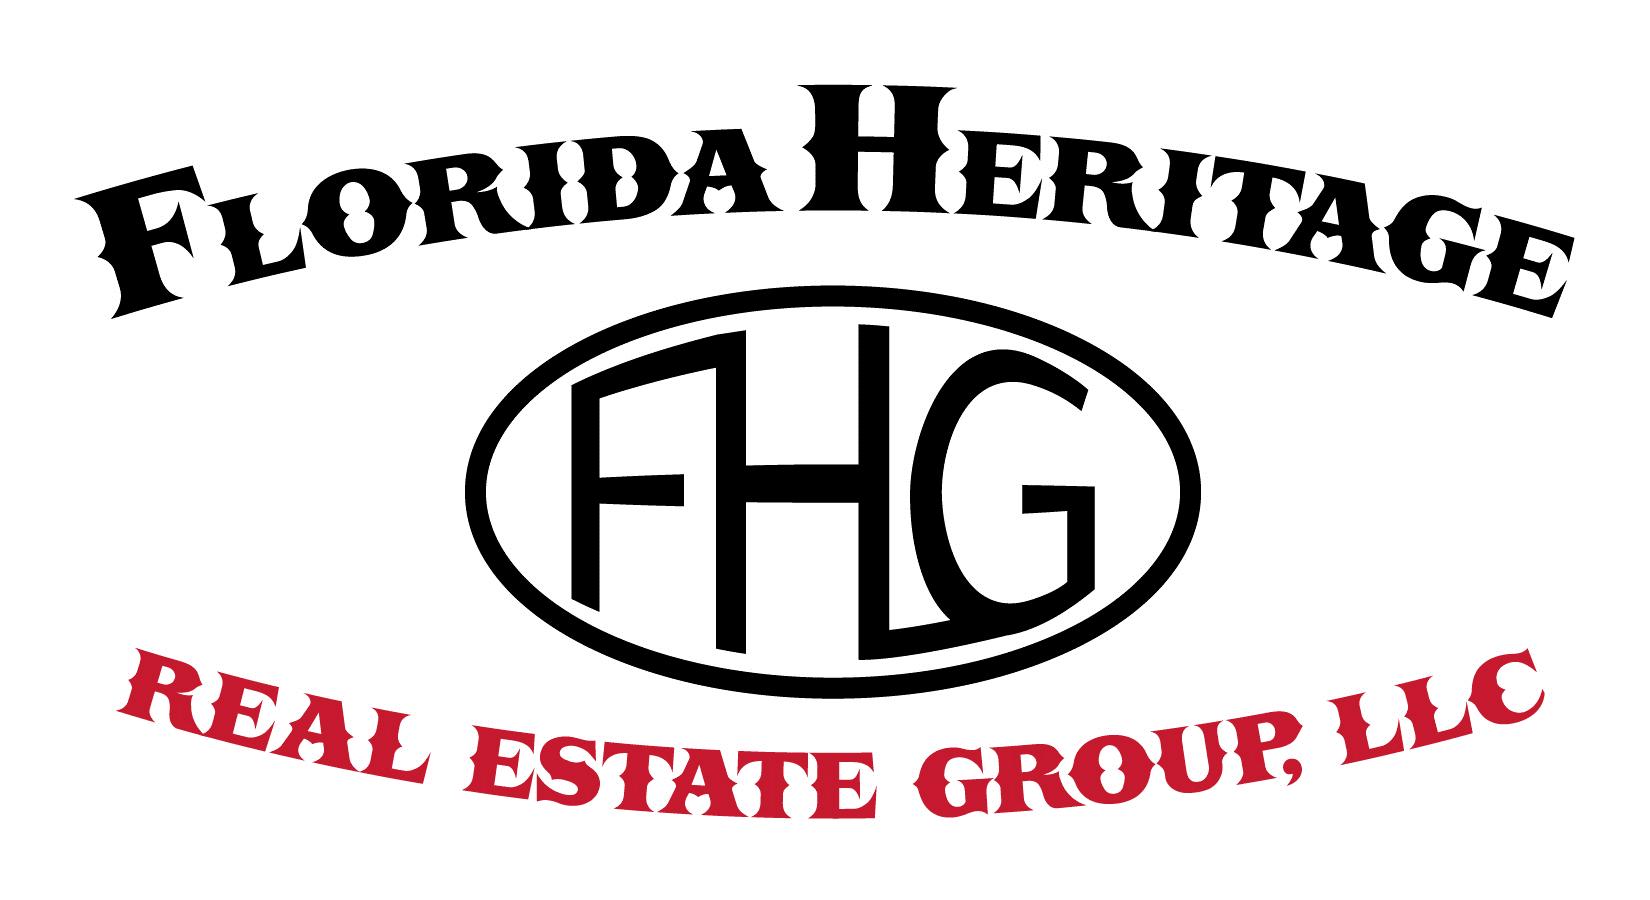 https://growthzonesitesprod.azureedge.net/wp-content/uploads/sites/2011/2021/09/Florida-Heritage.png